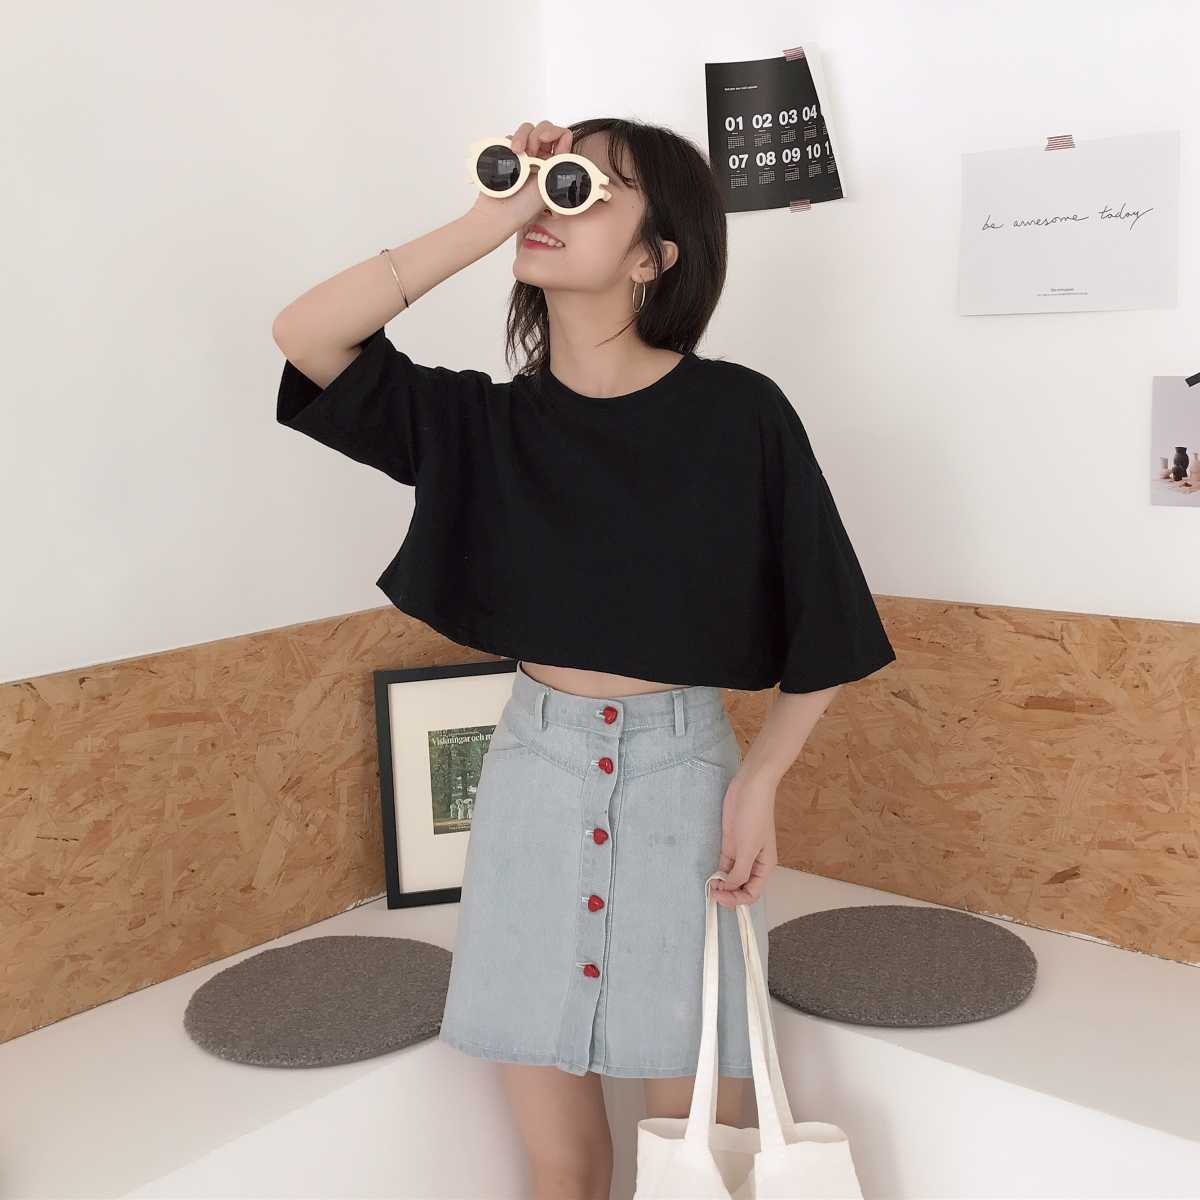 bb90f5195fa43a ... T-shirt Woman 2019 Summer Fashion TShirt Top Korean Ulzzang Harajuku  Solid Backless Hollow Short ...